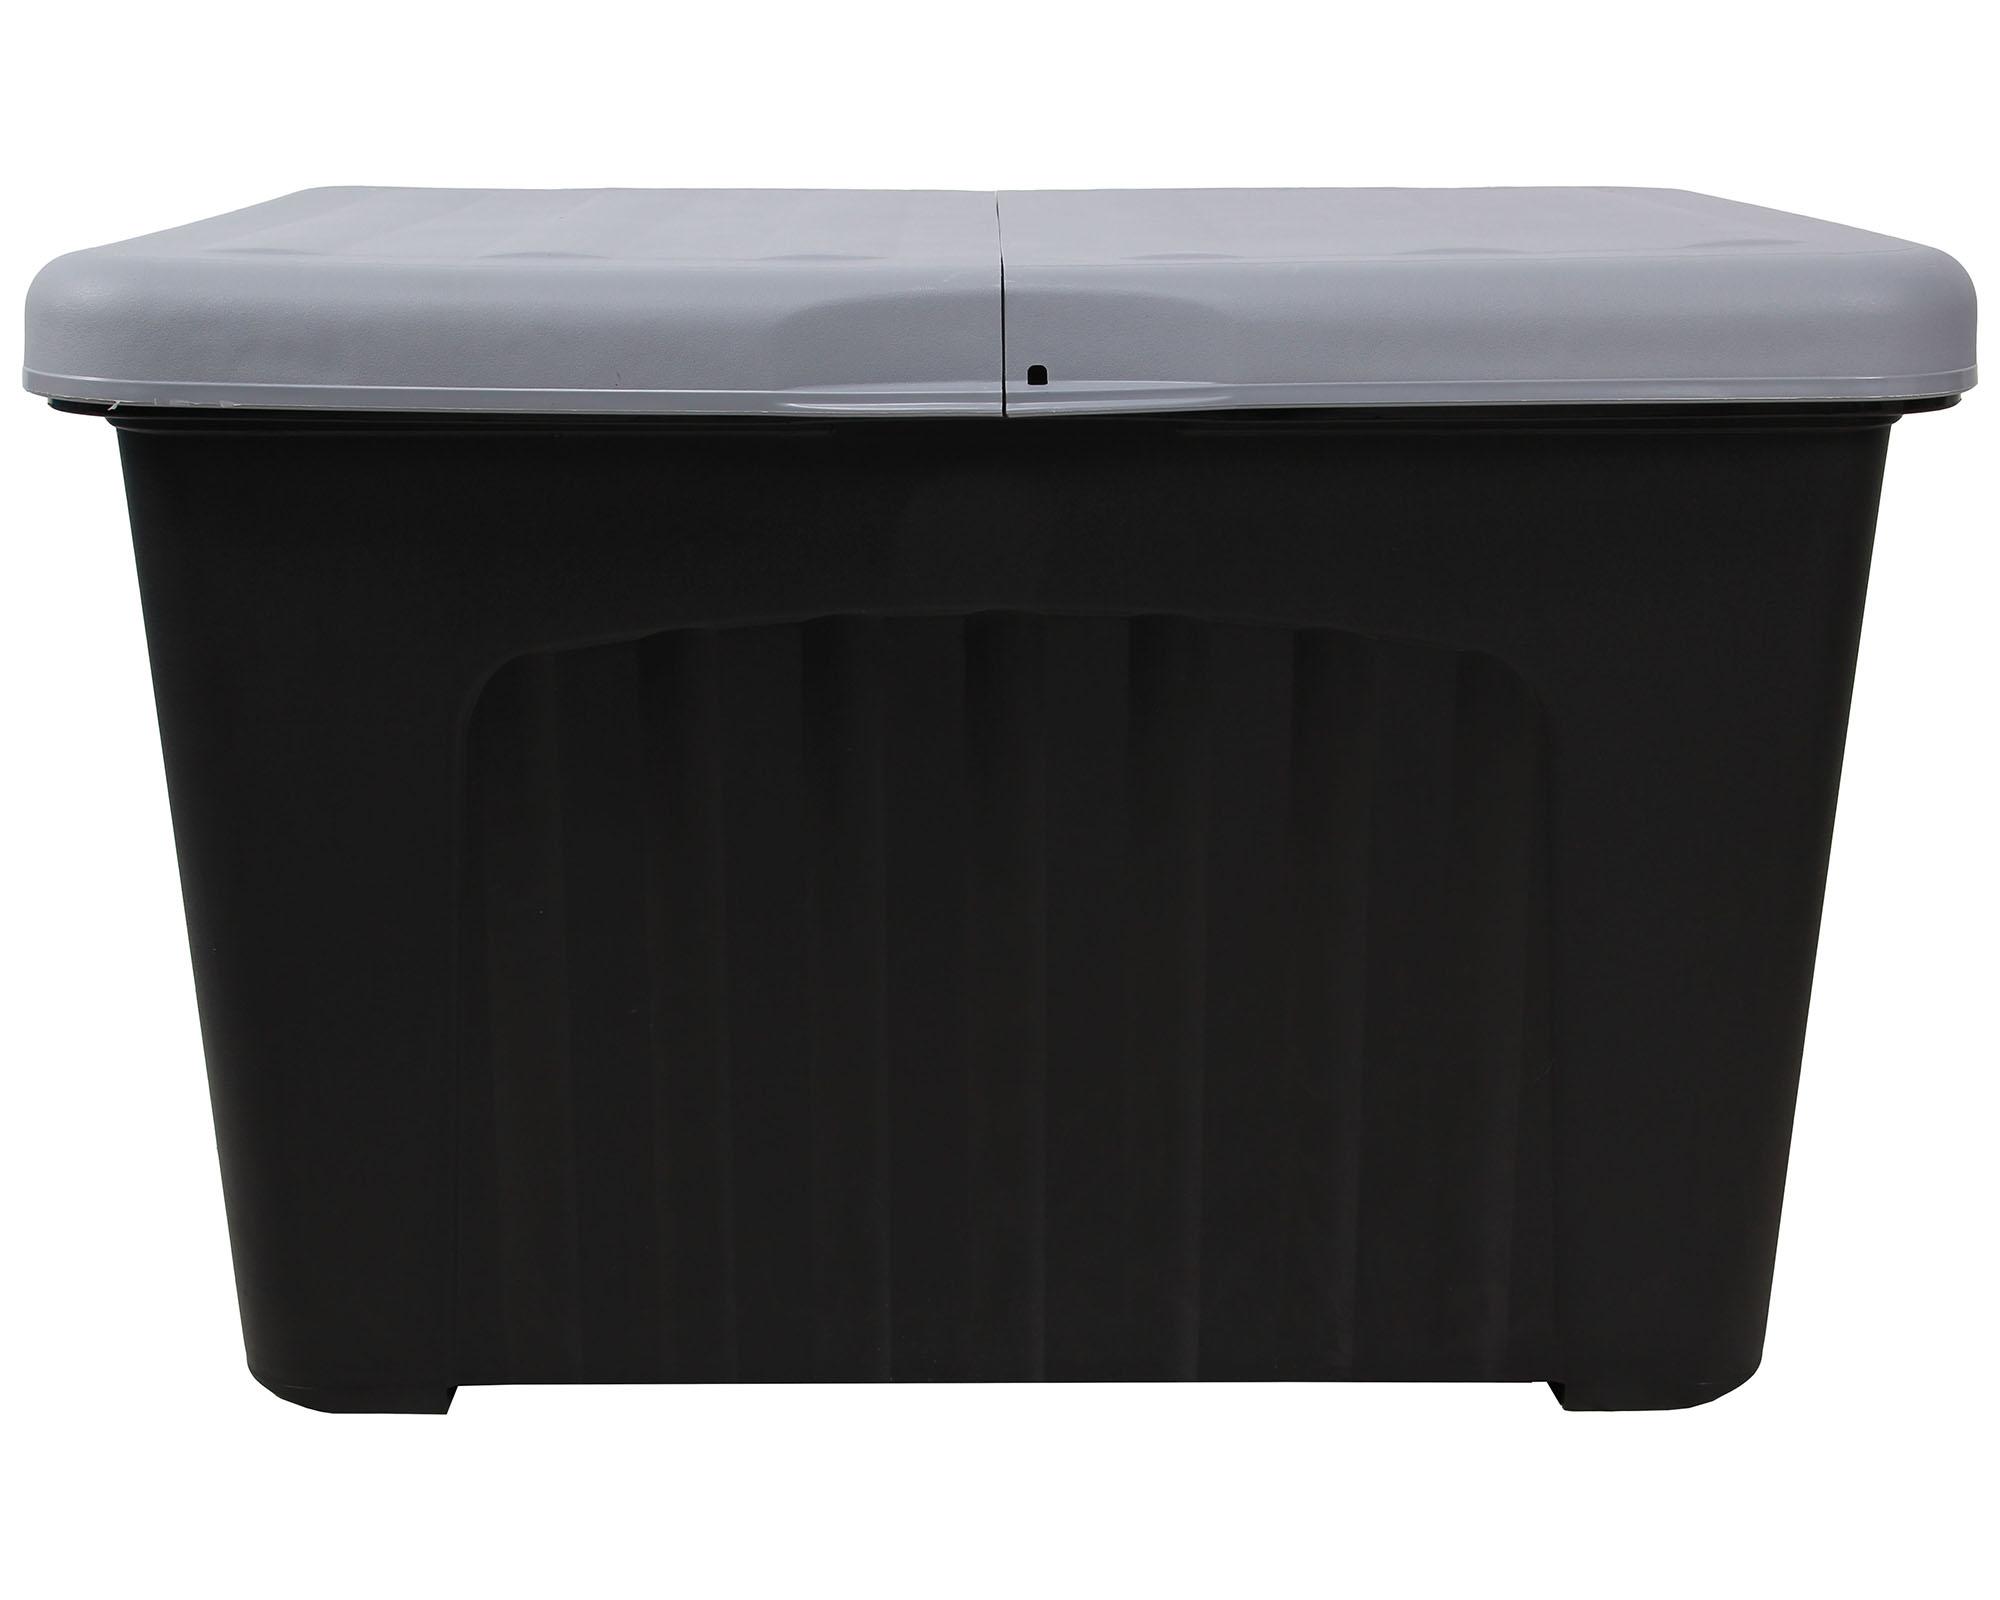 ondis24 lagerbox aufbewahrungsbox pandorino grau anthrazit g nstig online kaufen. Black Bedroom Furniture Sets. Home Design Ideas